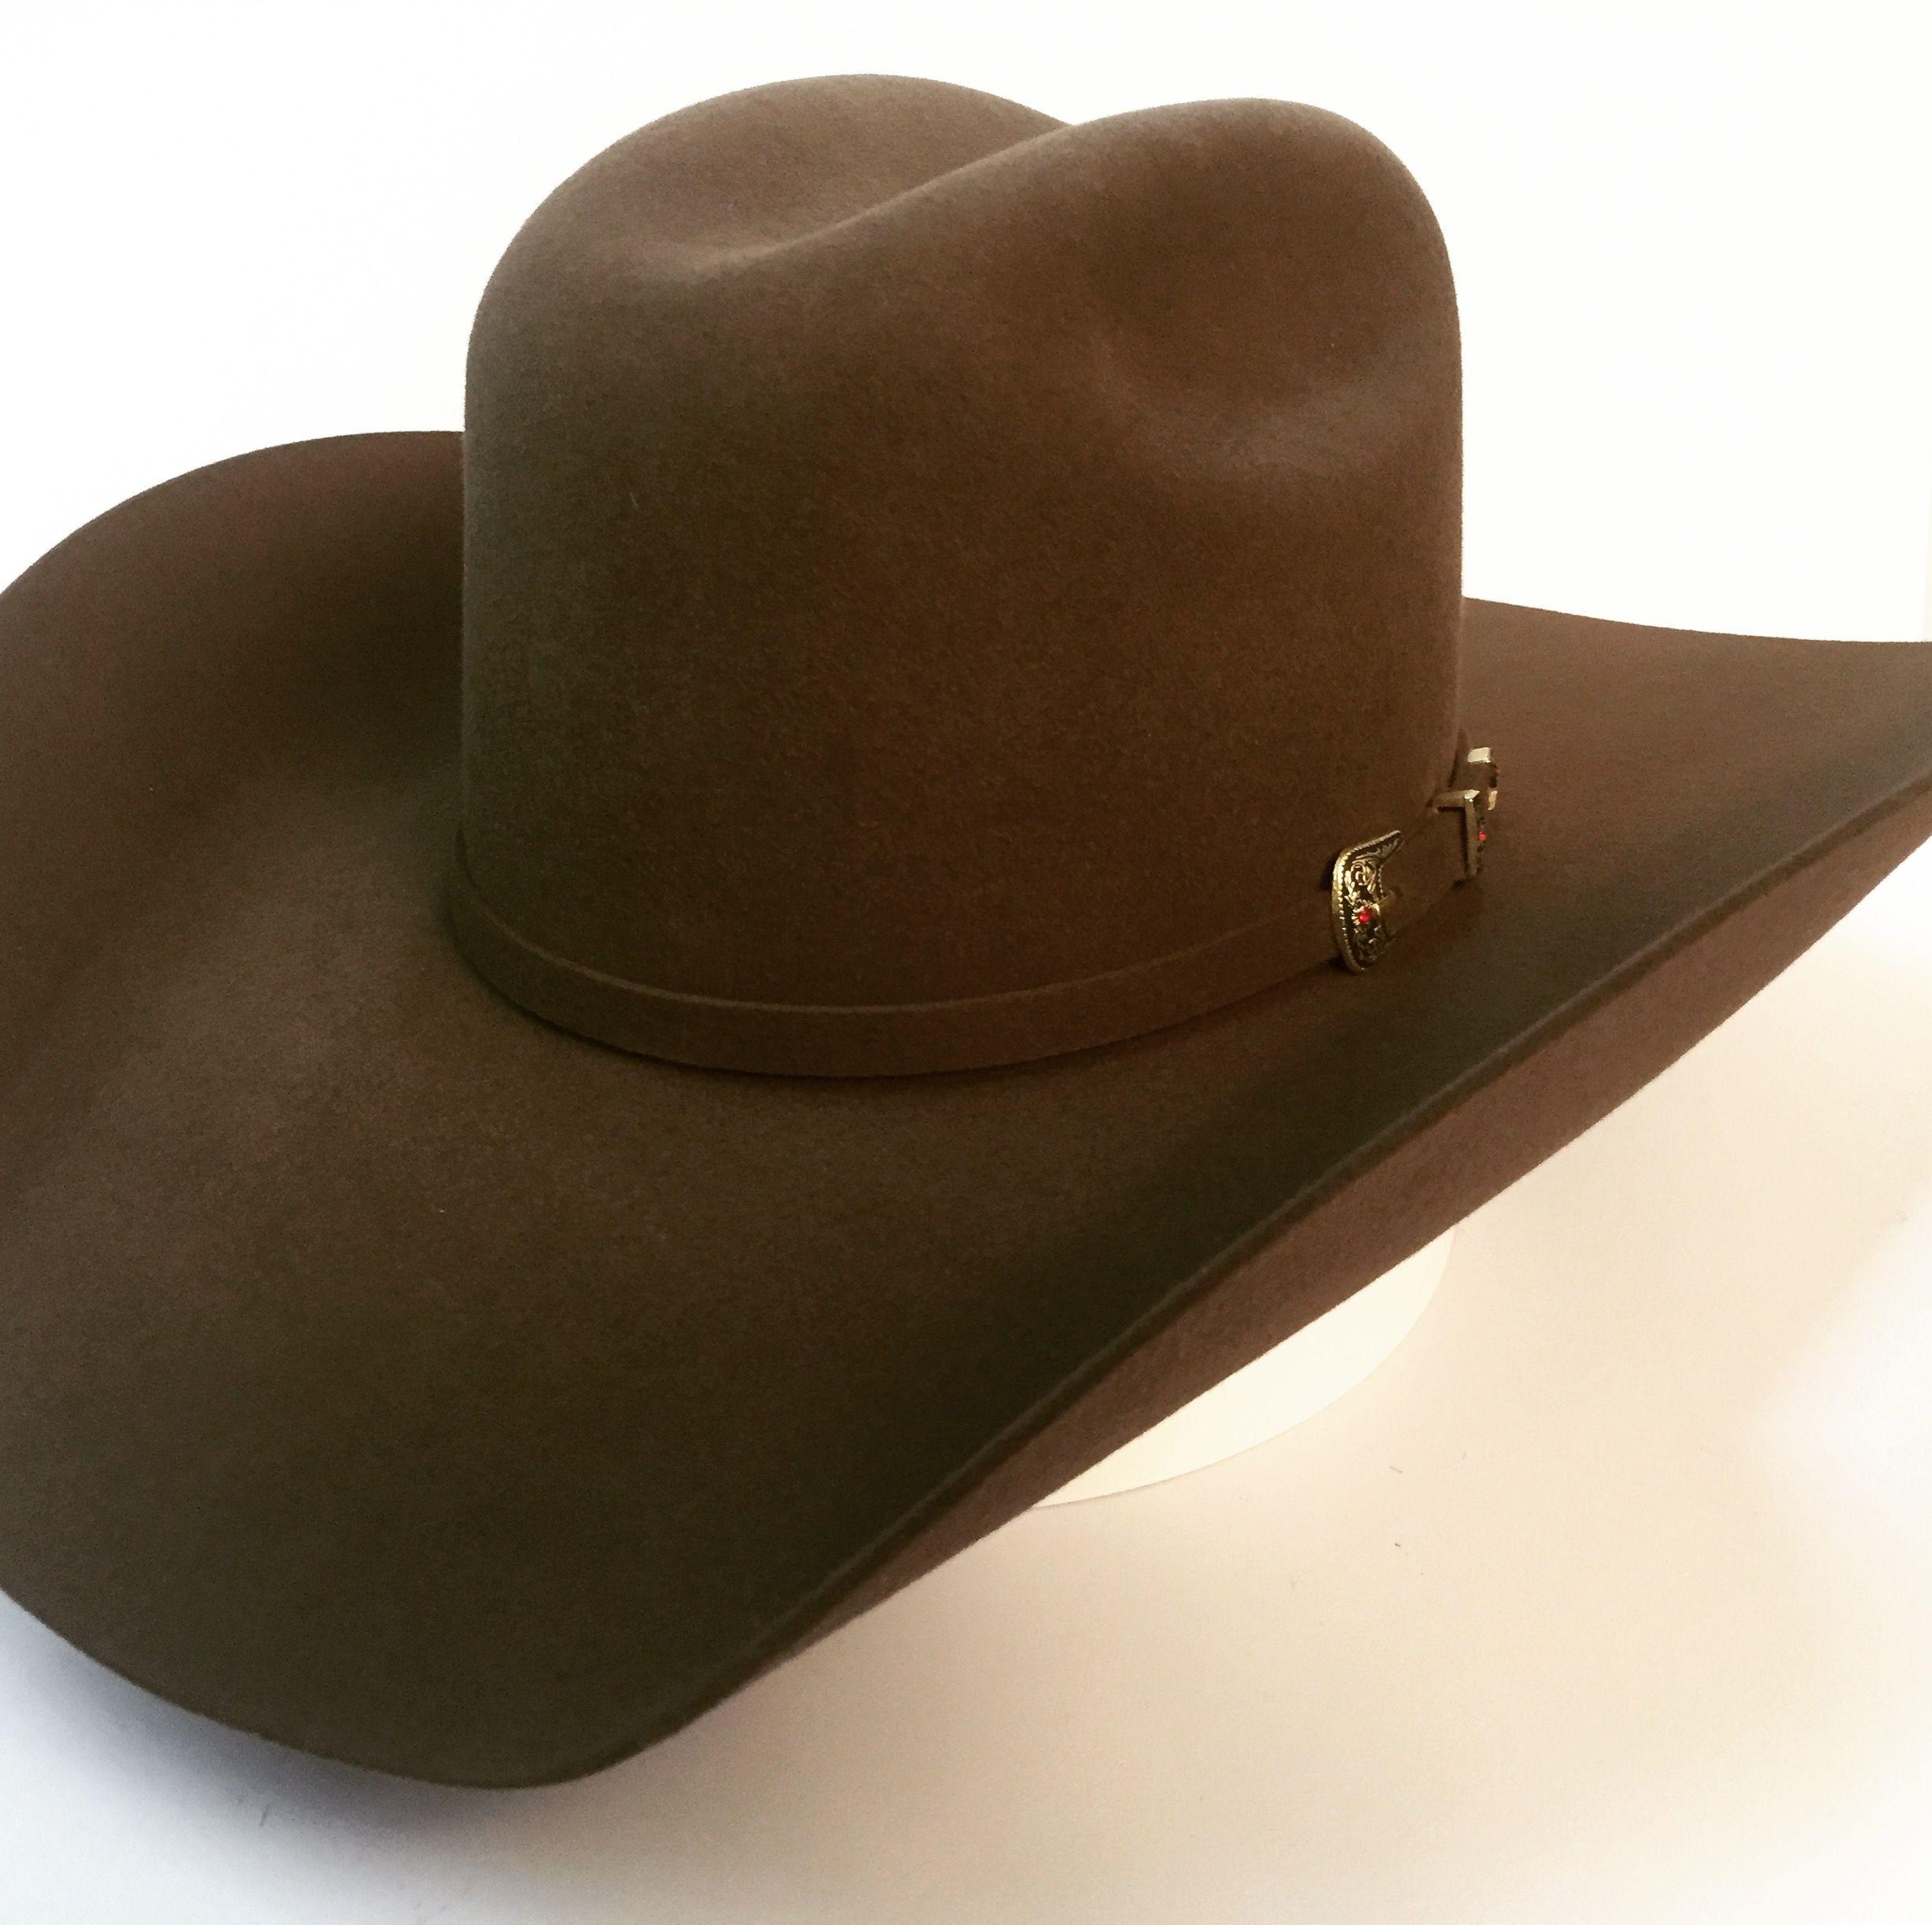 texana  20x color  castor estilo  oscar consiguela en www.tienda ... 7e0b2de63aa